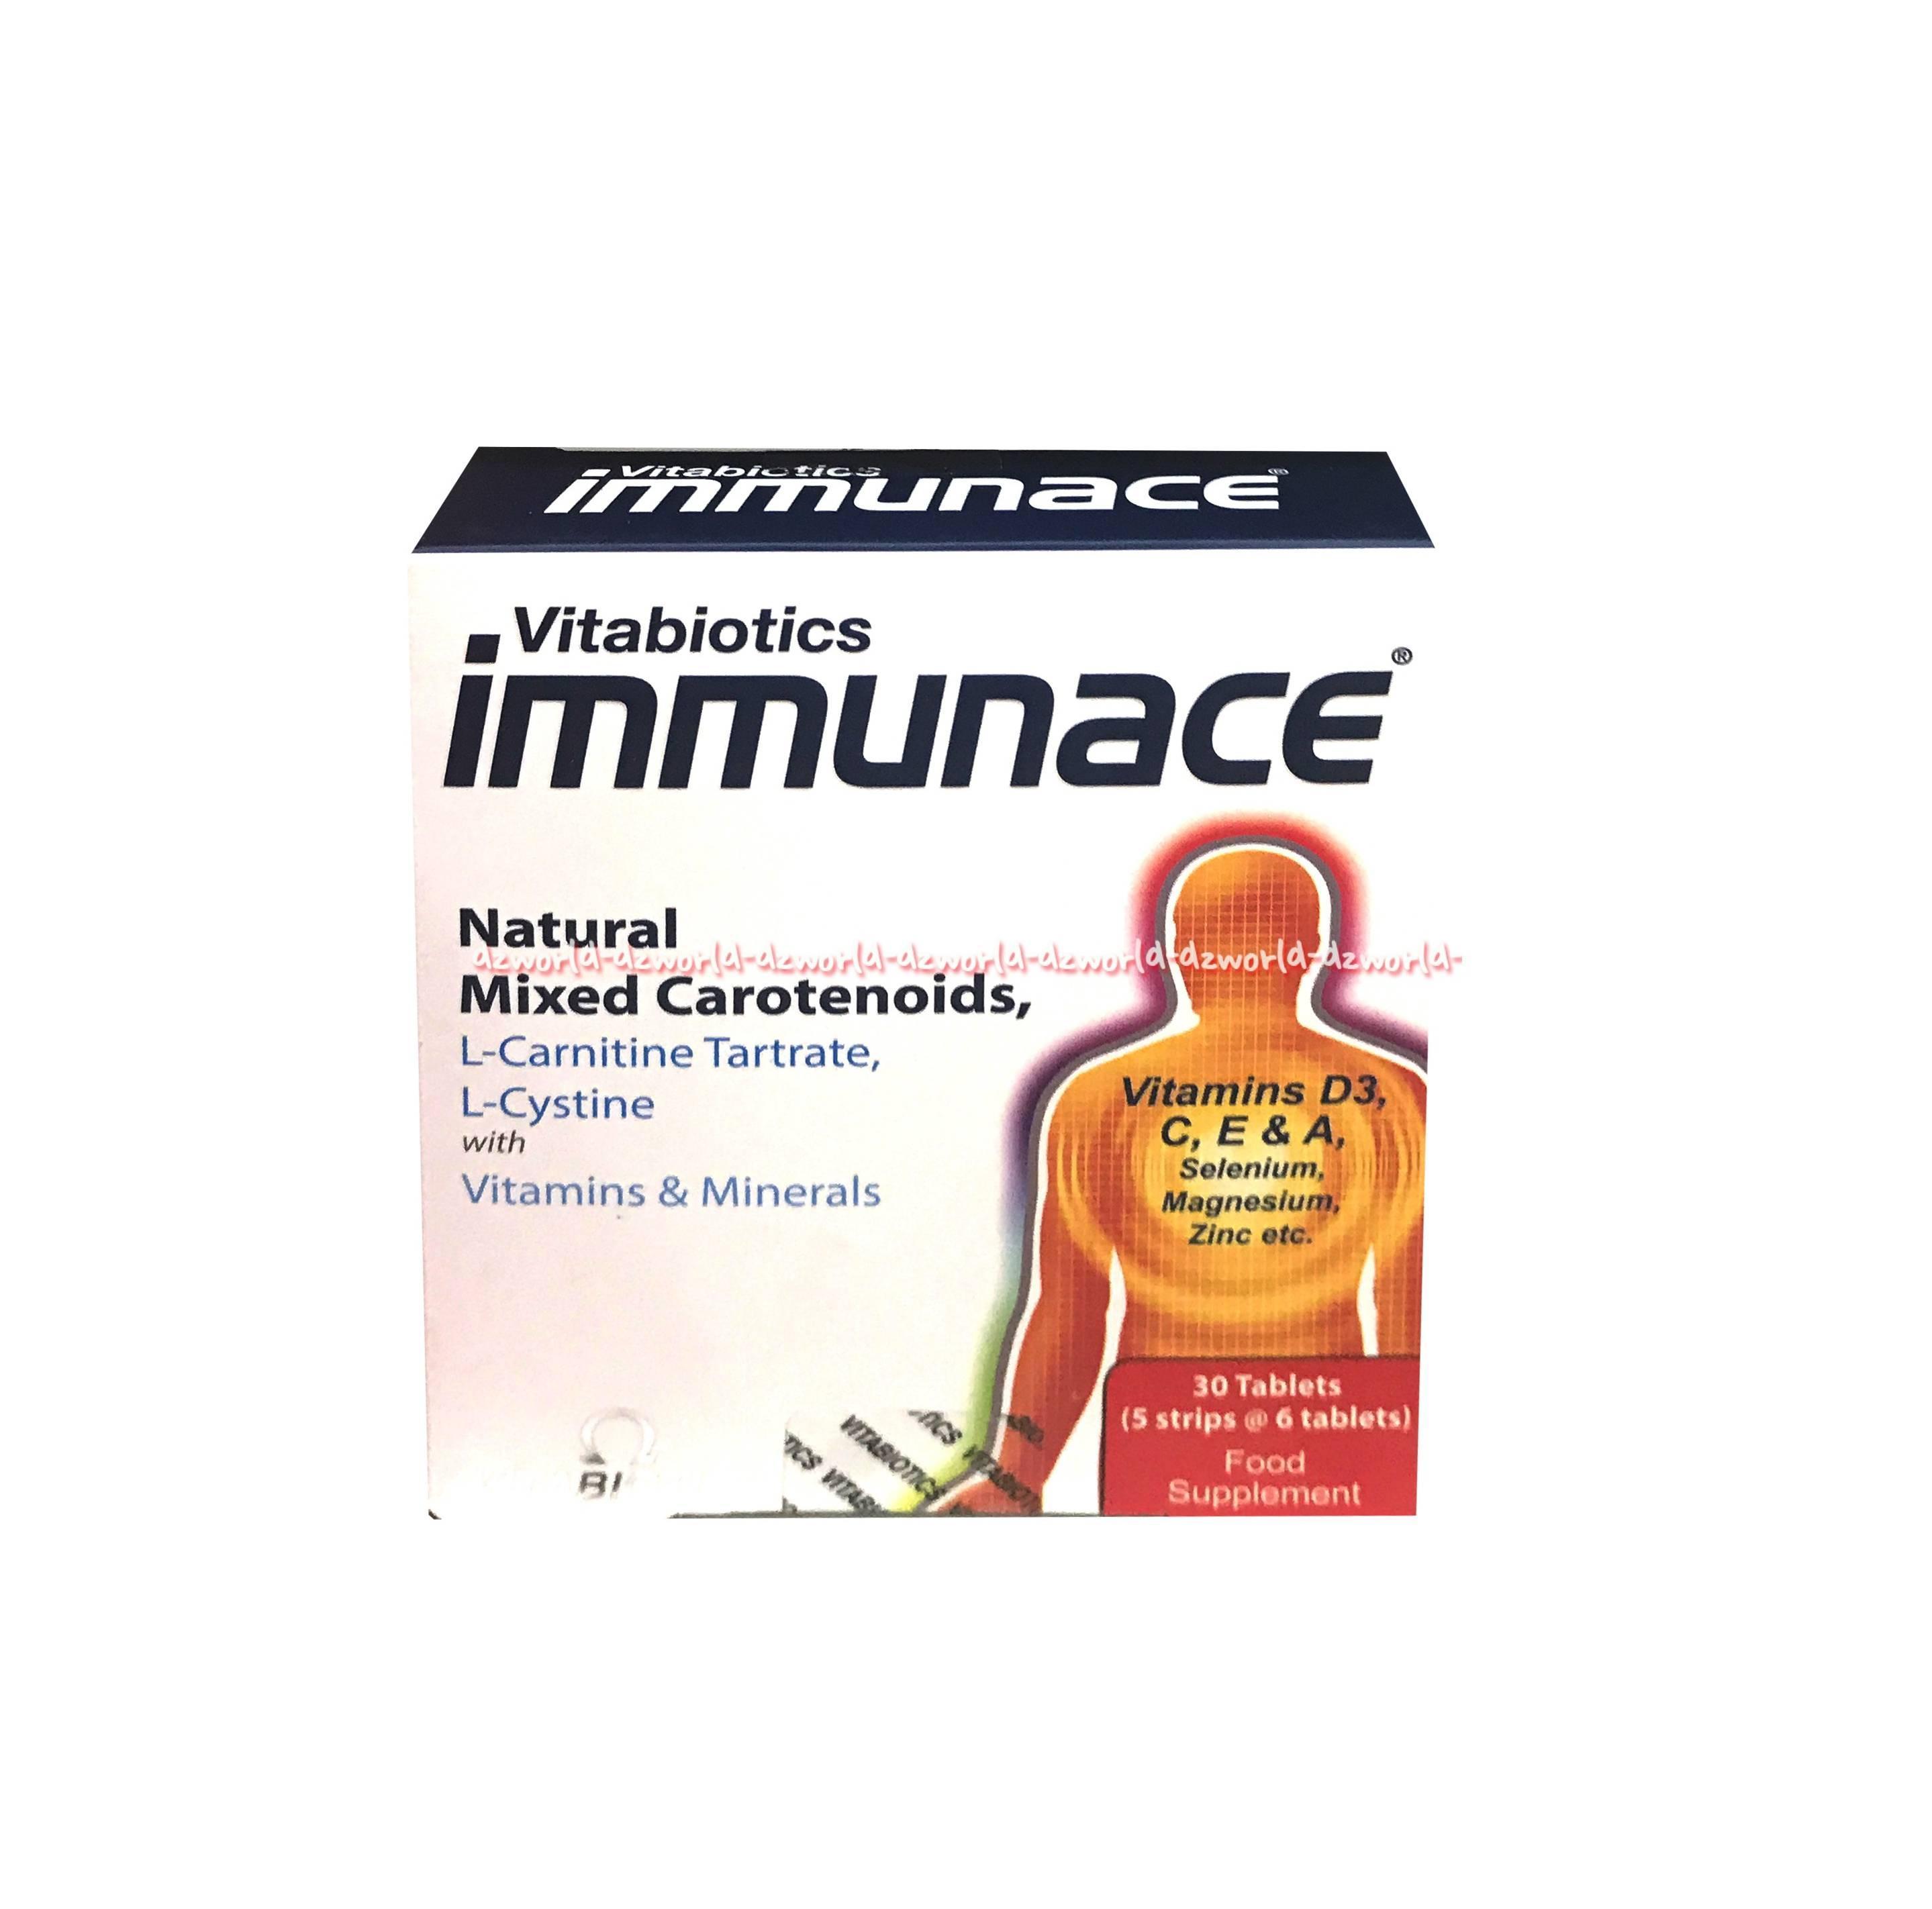 Vitabiotics Ovacare 30 Tablet Suplemen Infertilitas Program Obat Kesuburan Wanita Teregistrasi Bpom Immunace Multivitamin Untuk Menjaga Kekebalan Tubuh Tabidr398400